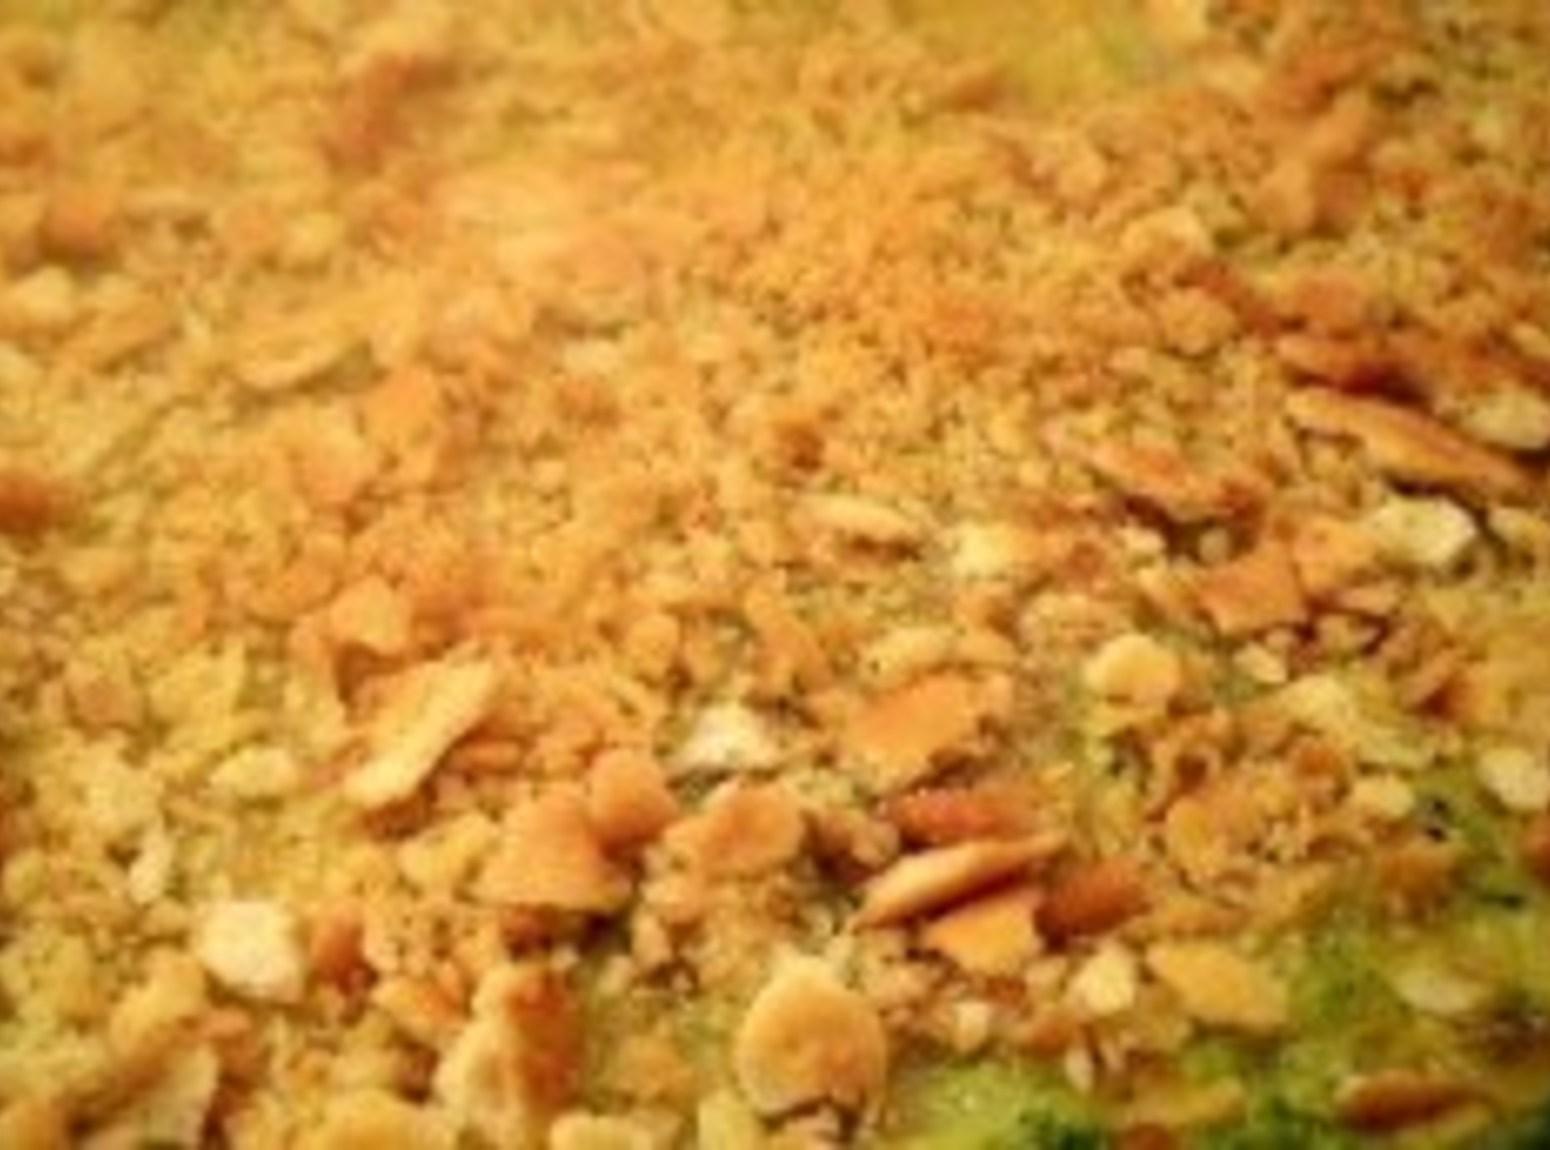 Our Lady of Lourdes Broccoli Casserole Recipe